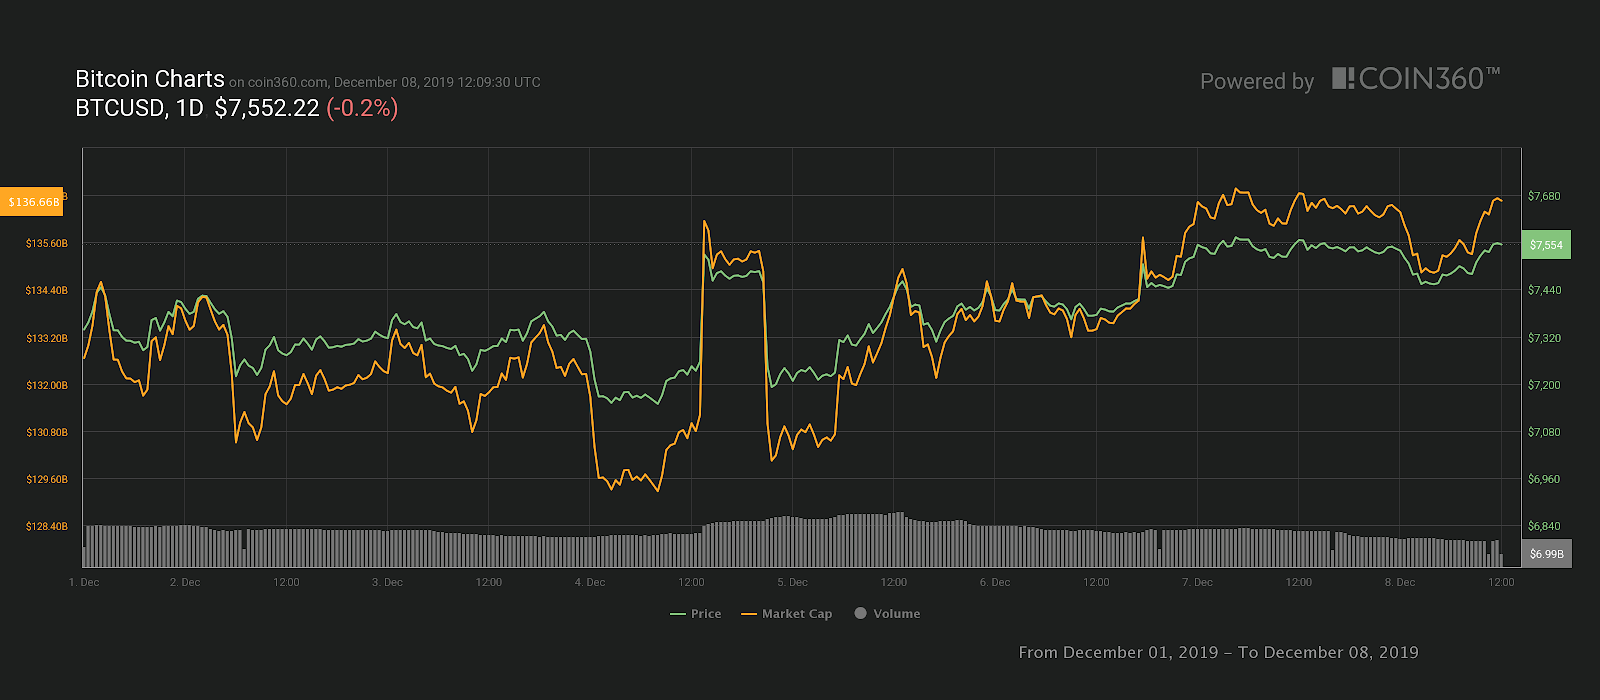 ราคา Ethereum ทรงตัว หลังจากทำฮาร์ดฟอร์คครั้งล่าสุด